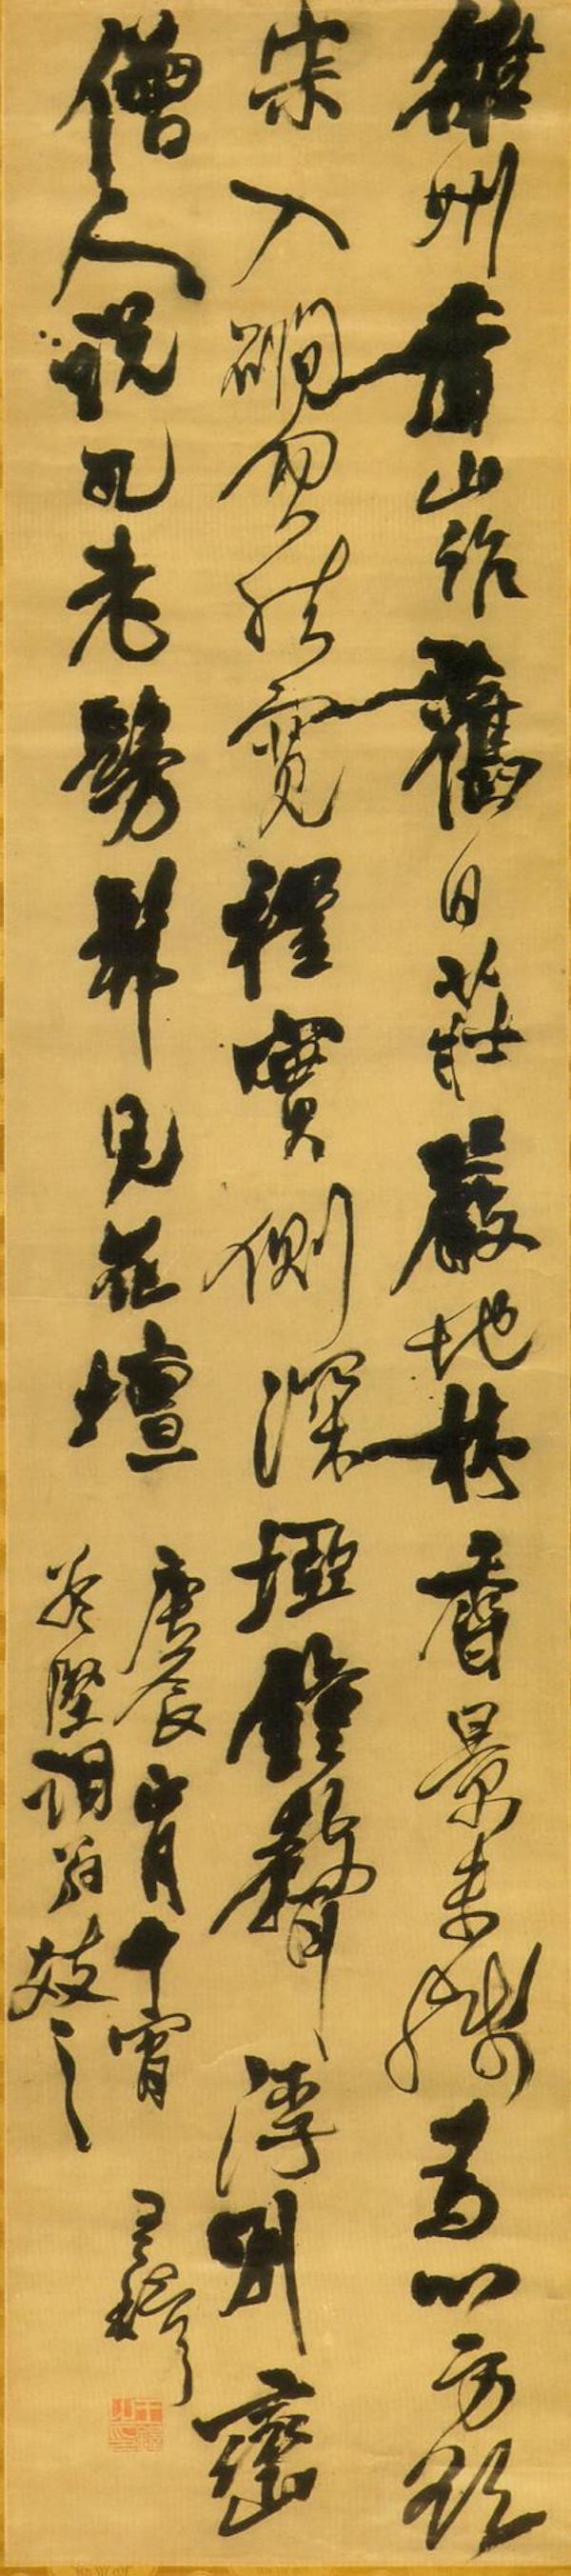 图十四:王铎《雒州香山作轴》,《王铎の书法》条幅编